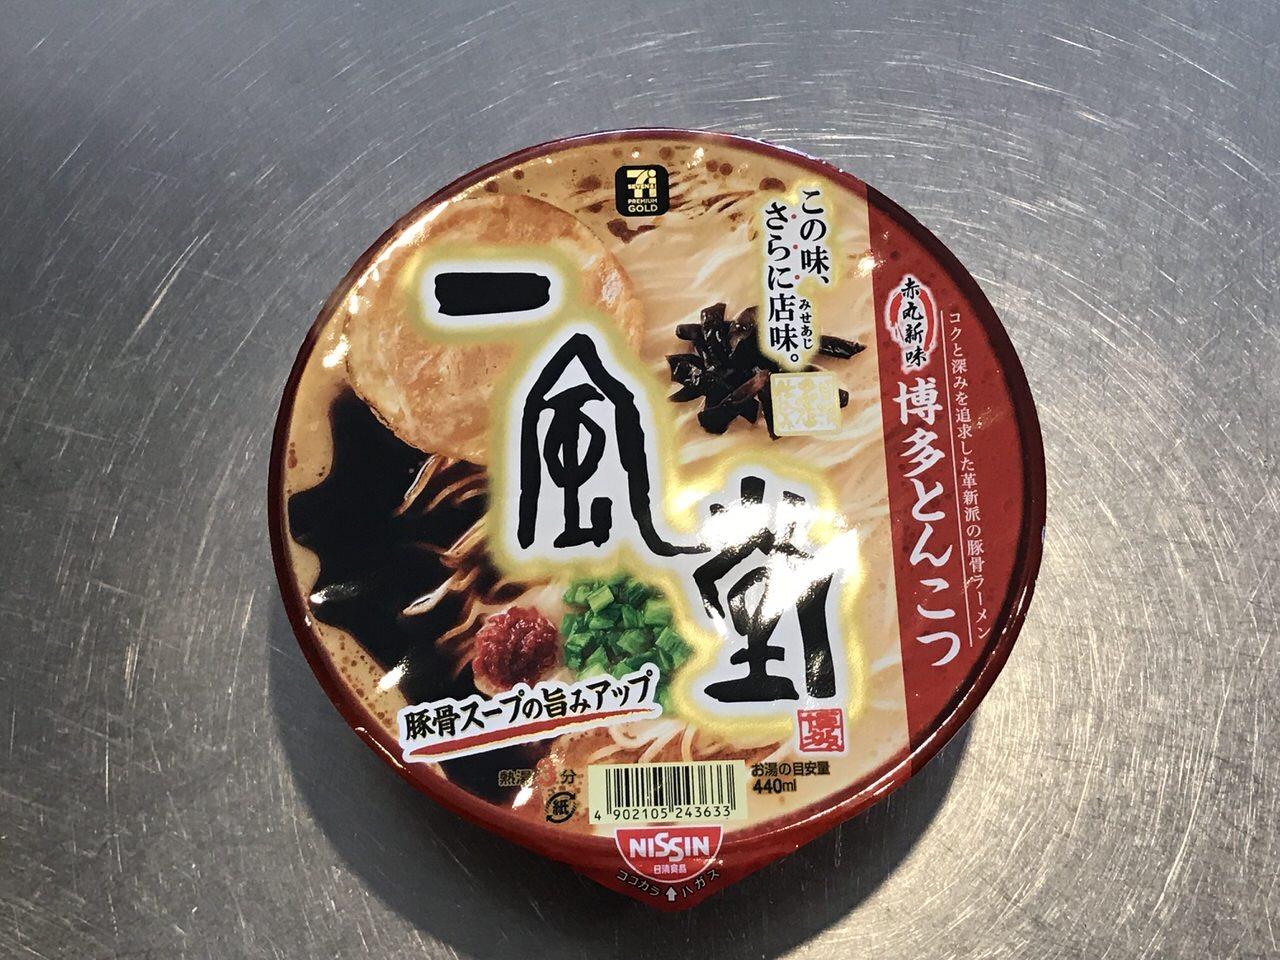 【セブンイレブン】「一風堂 赤丸新味博多とんこつ」安定の美味さである